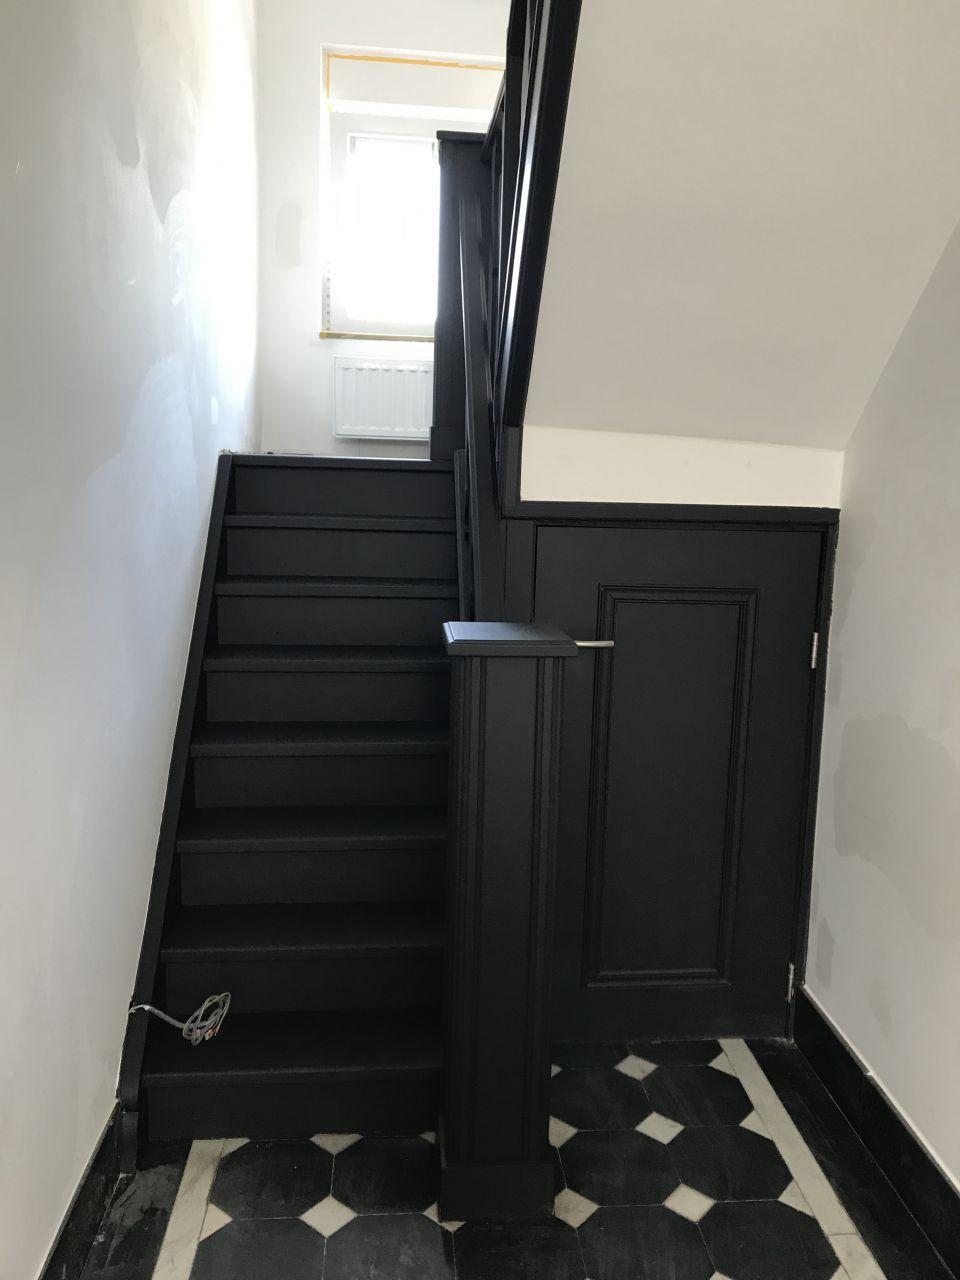 Peinture Escalier Noir Mat peinture de l'escalier en noir mat comme les portes | maison